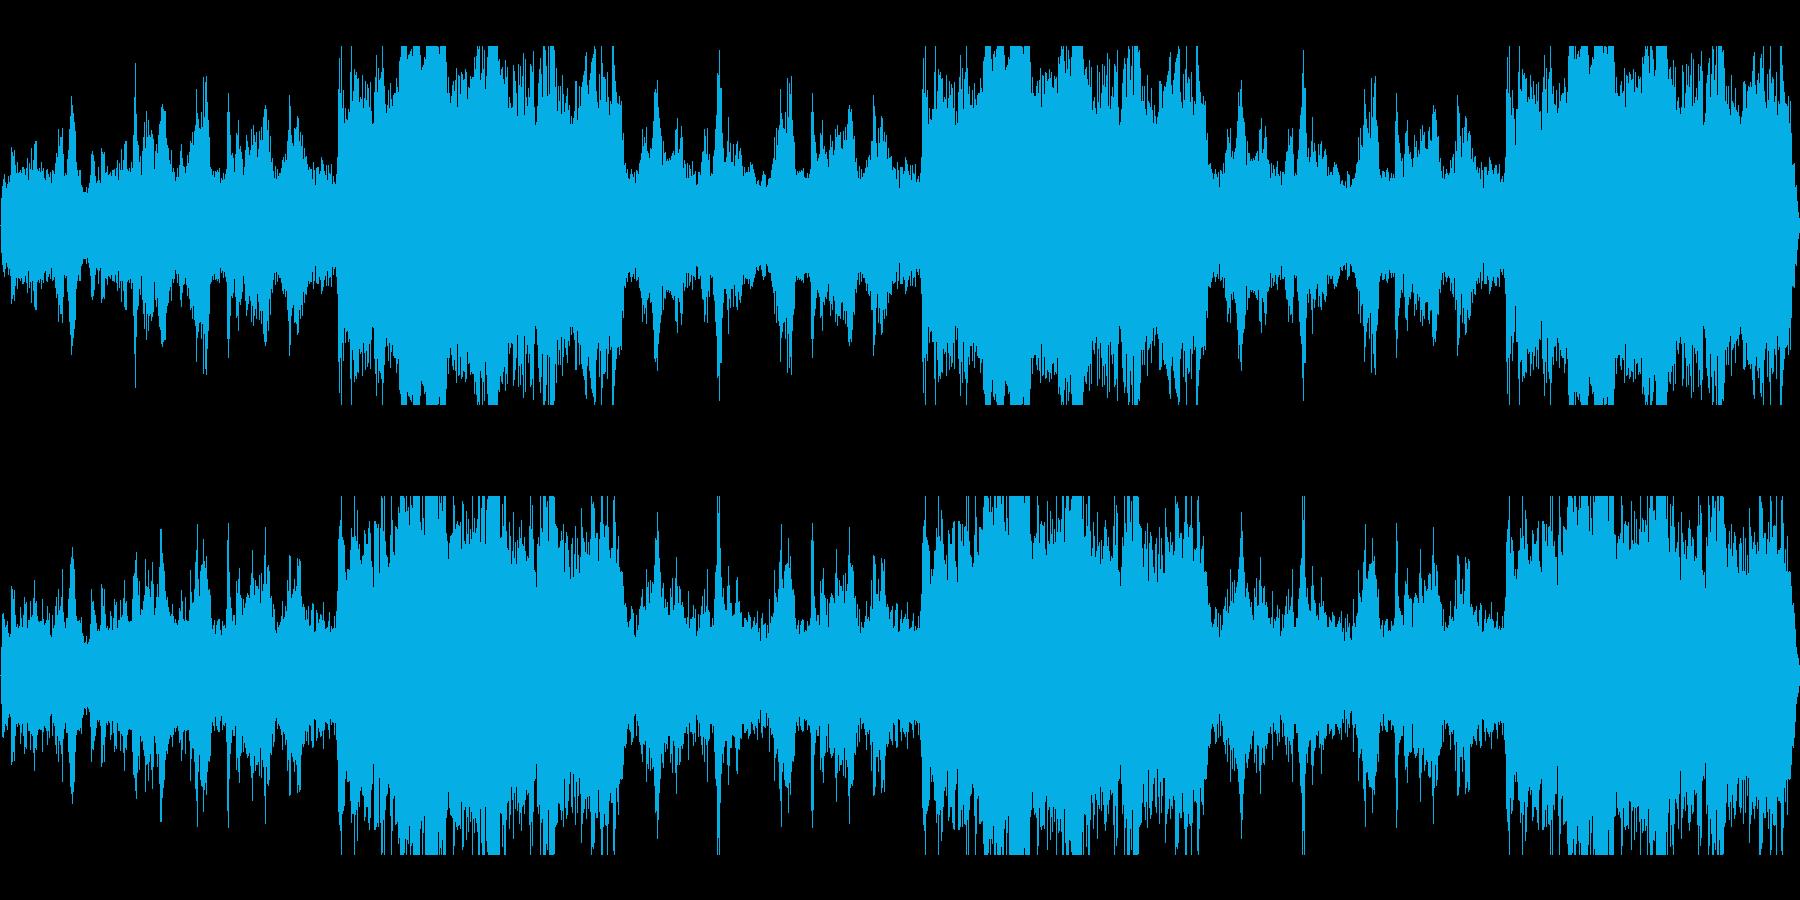 グオーン(ホラーなどで鳴っていそうな音)の再生済みの波形